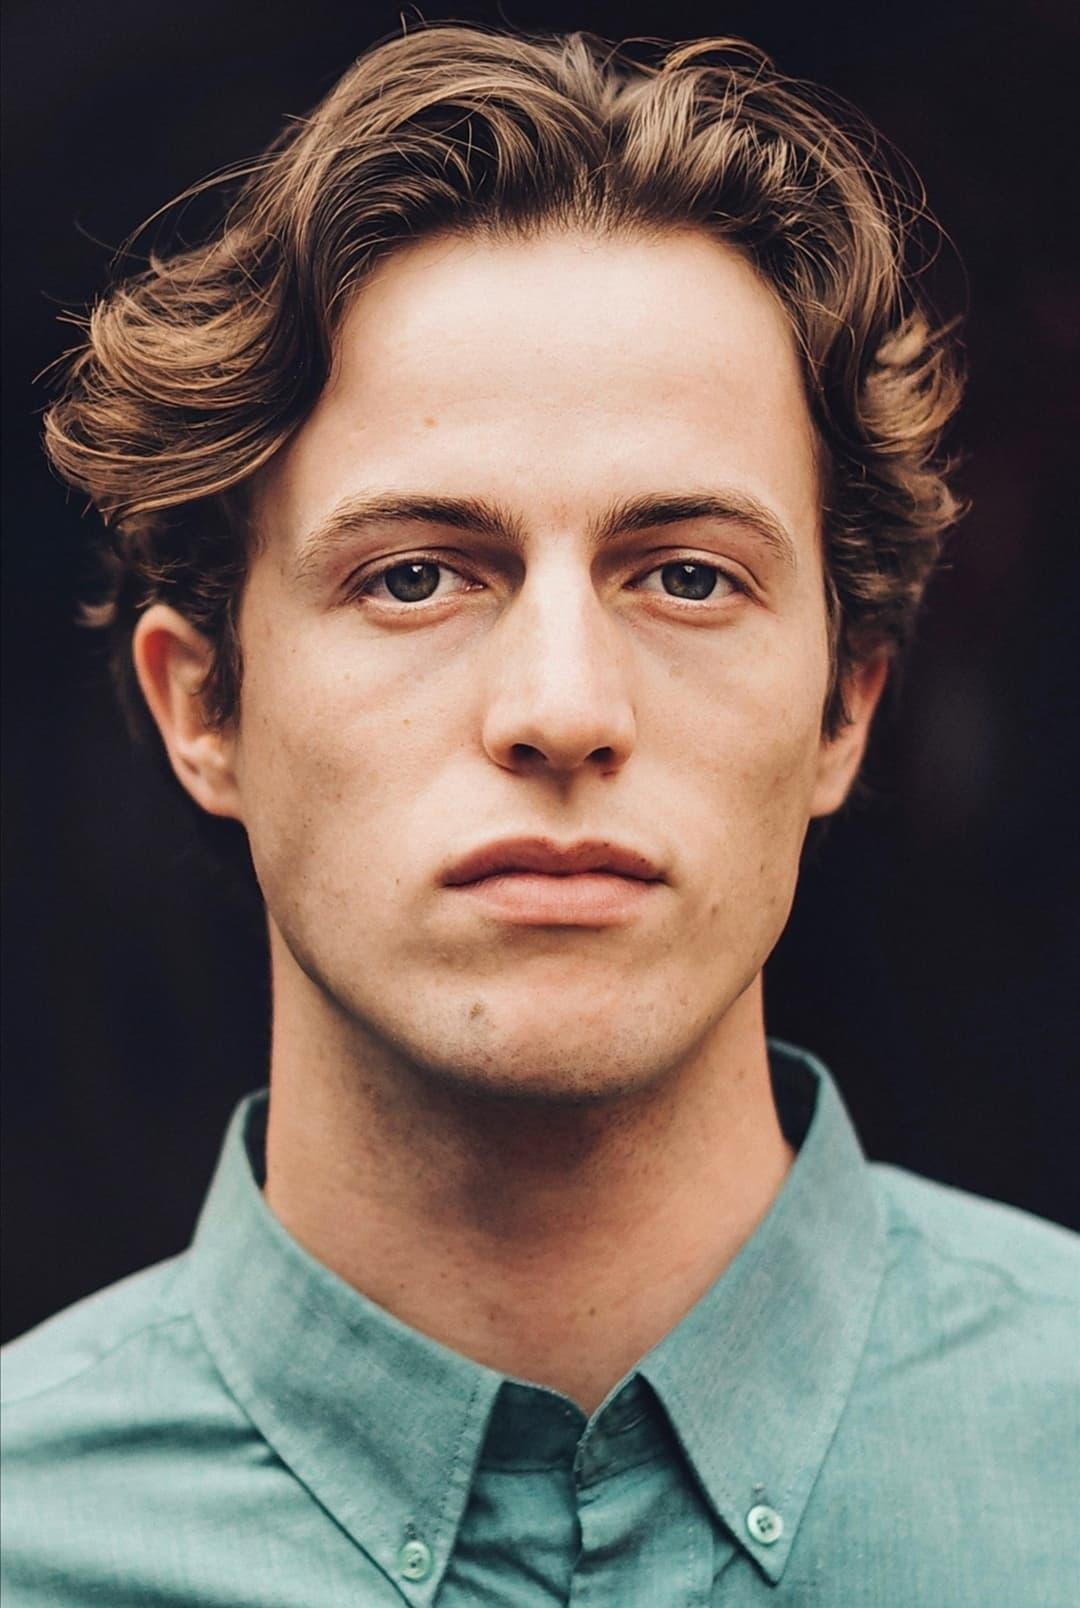 Sebastiano Kiniger